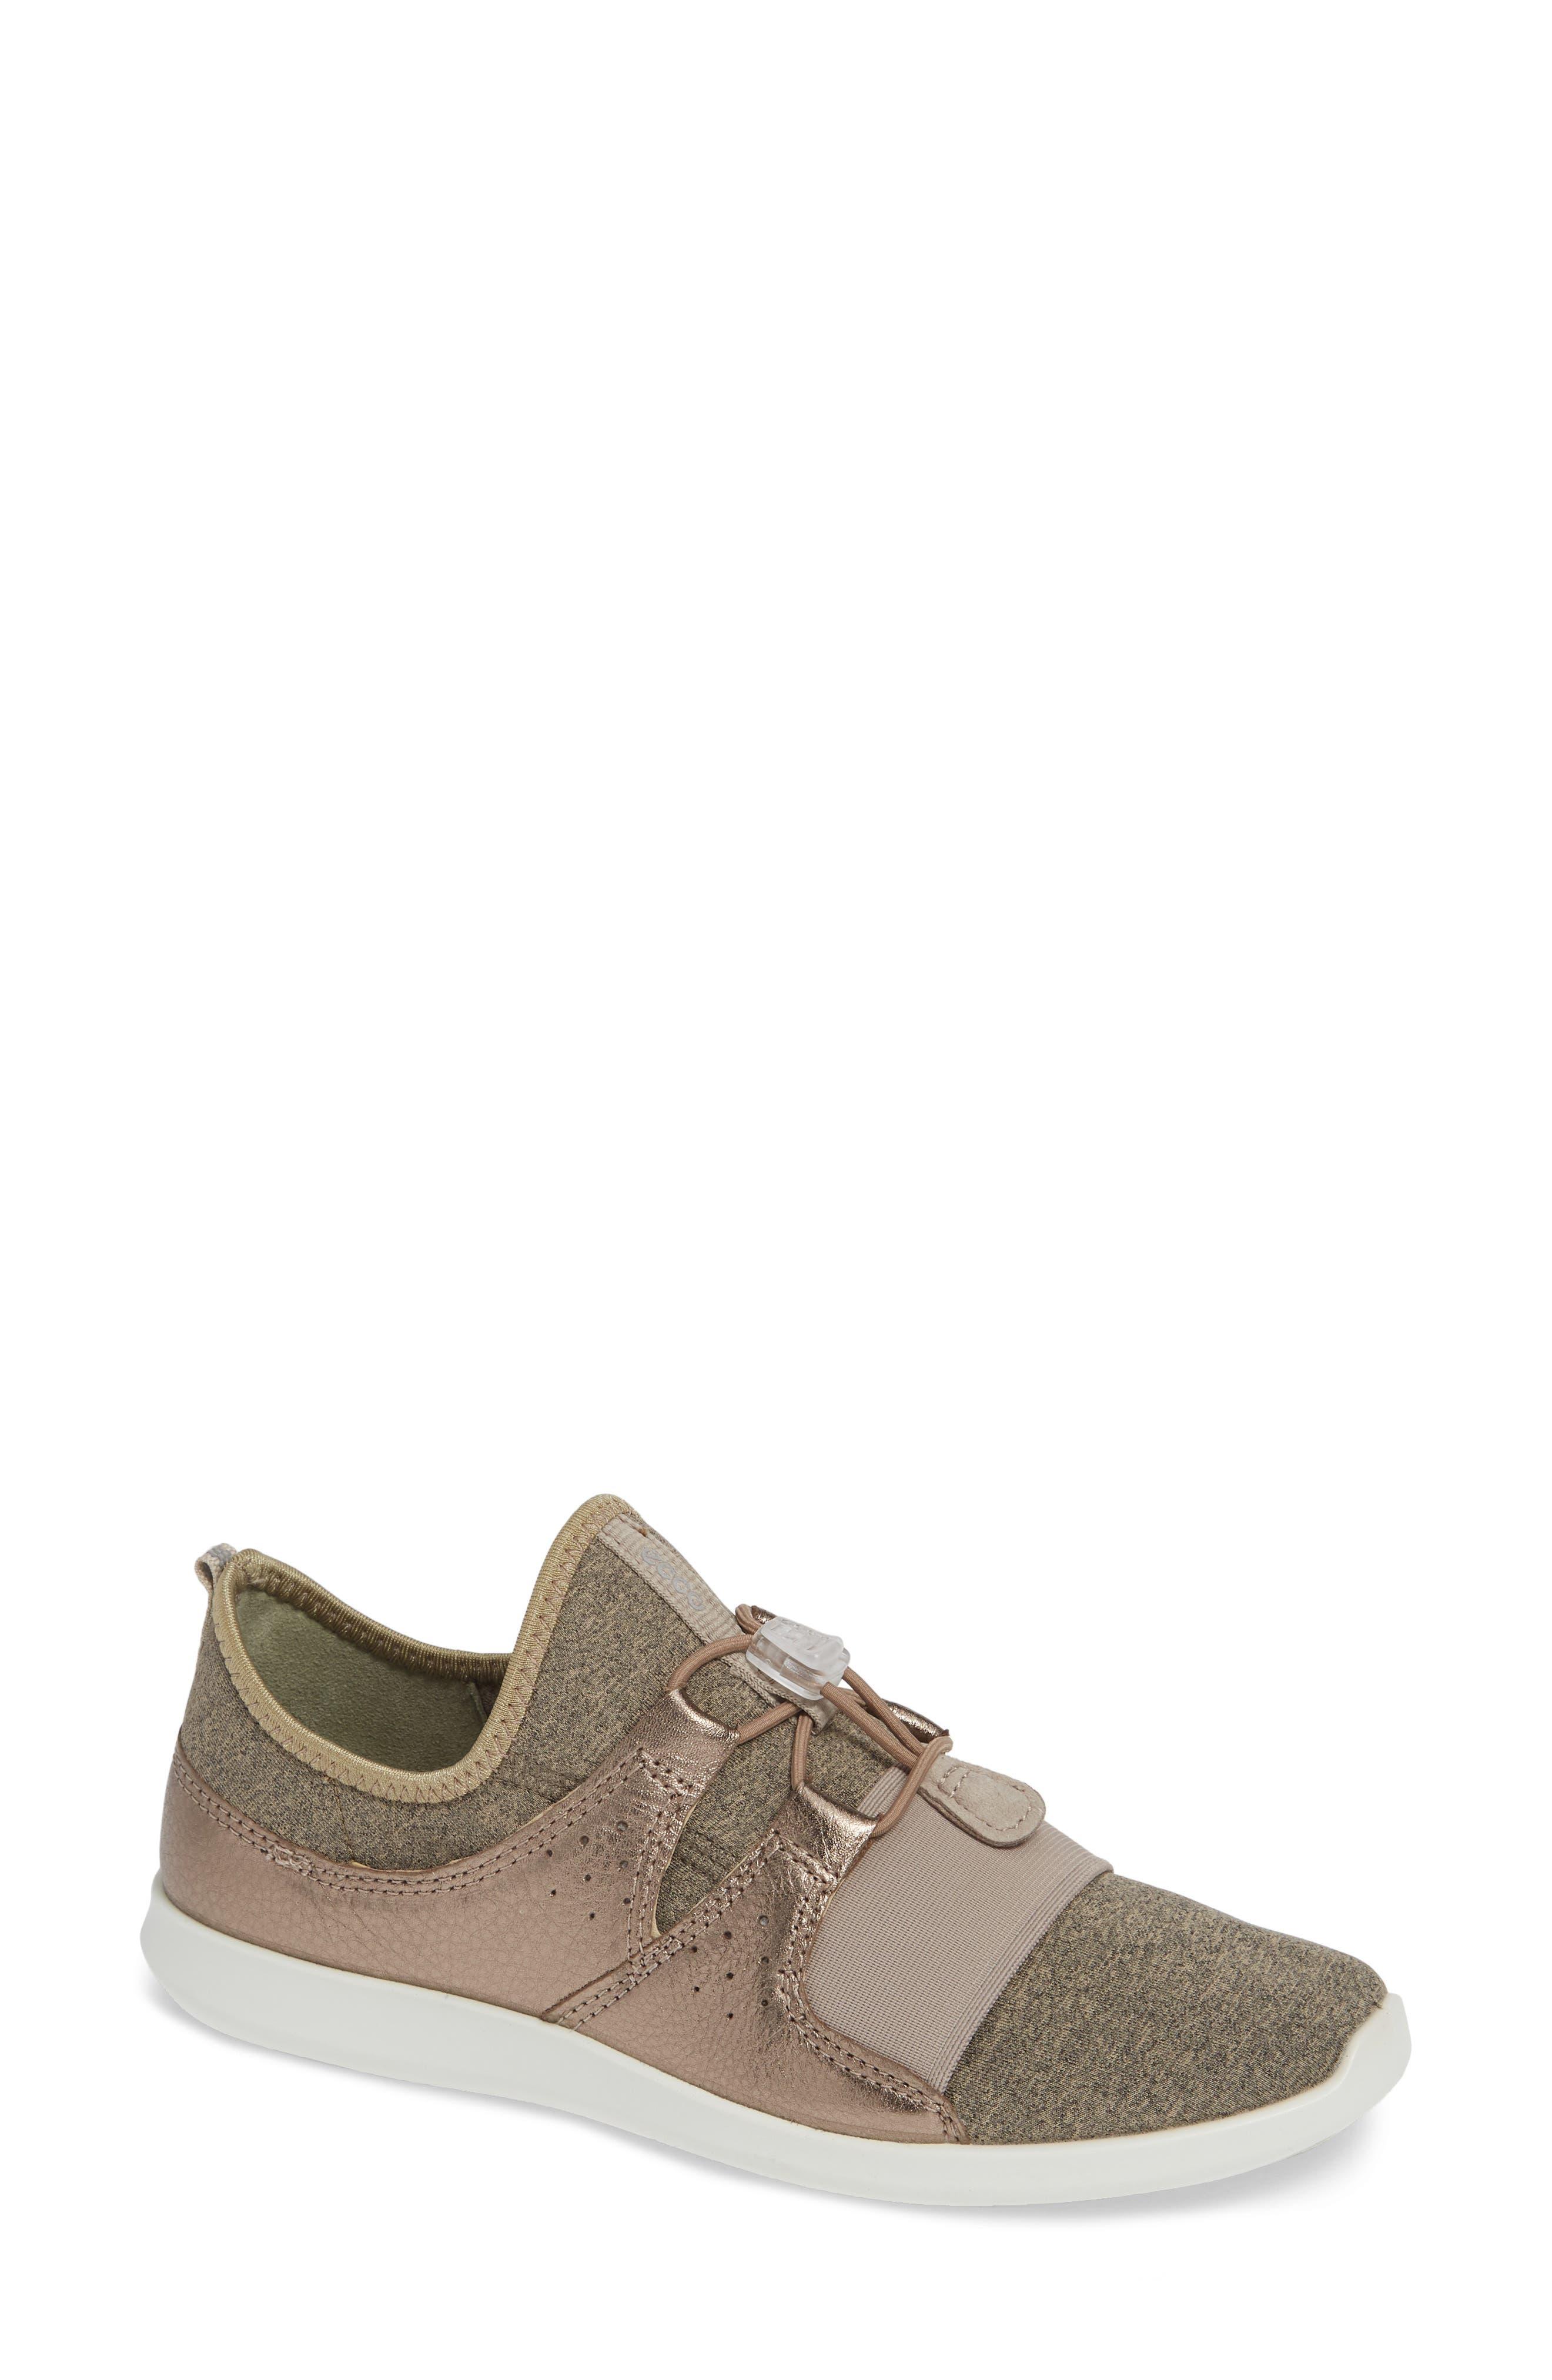 ECCO Sense Toggle Sneaker, Main, color, METALLIC STONE LEATHER